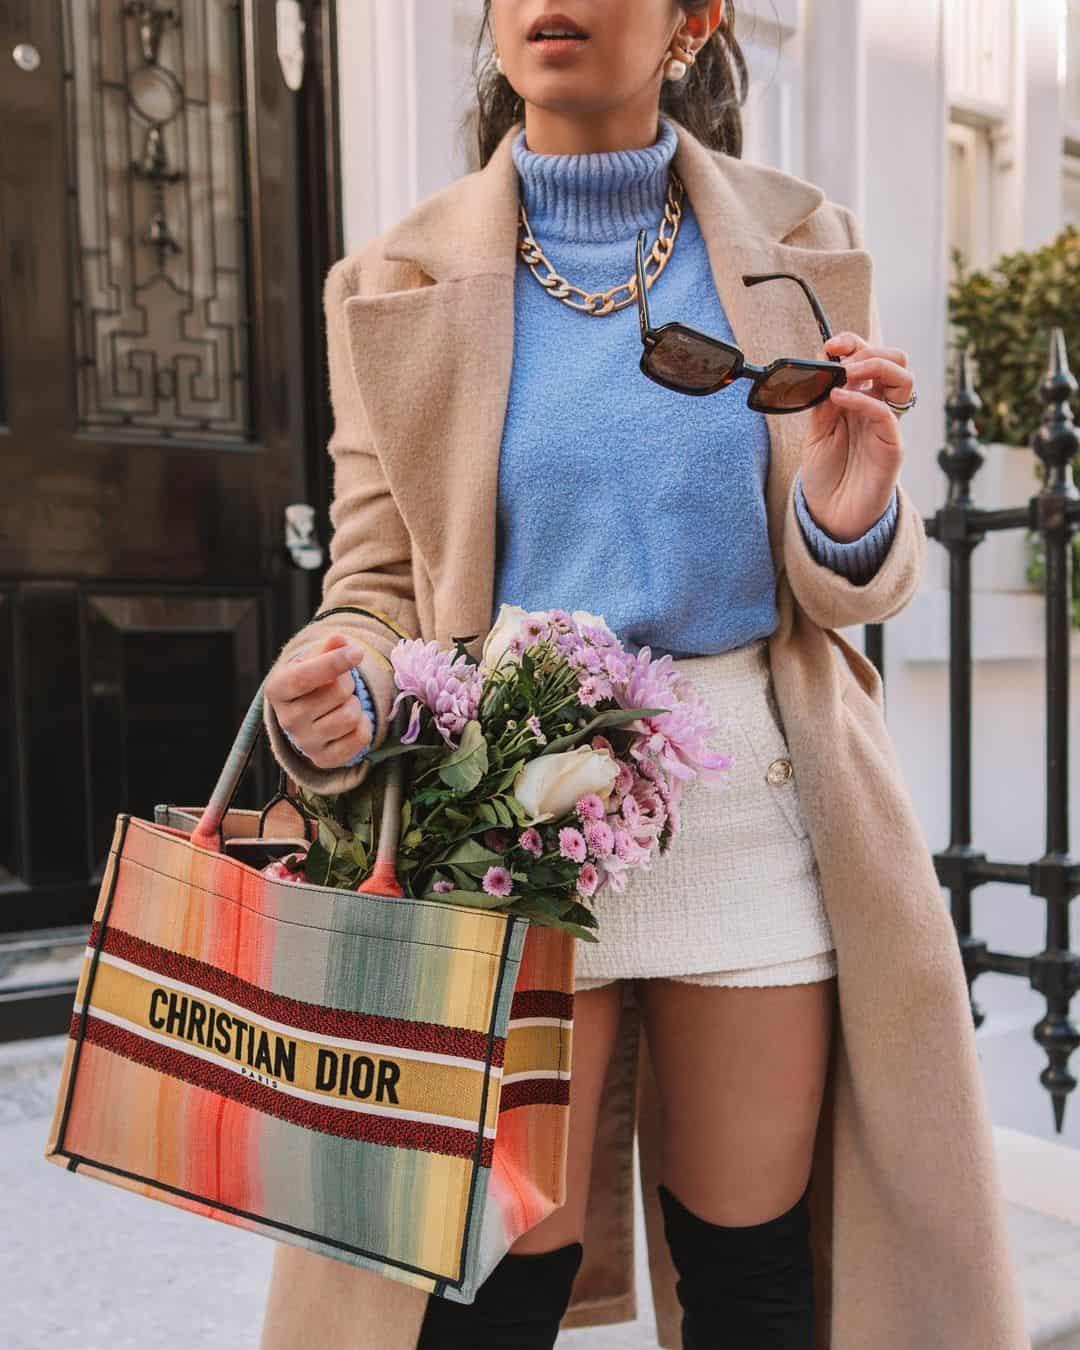 Dior colorful tote bag